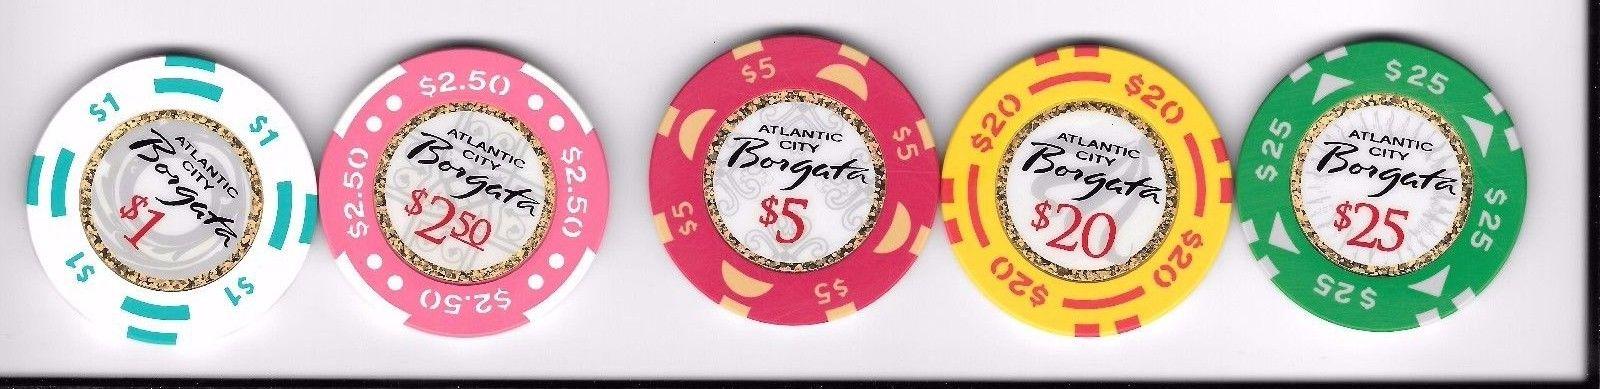 Norwegian Casino List - Top 10 Norwegian Casinos Online